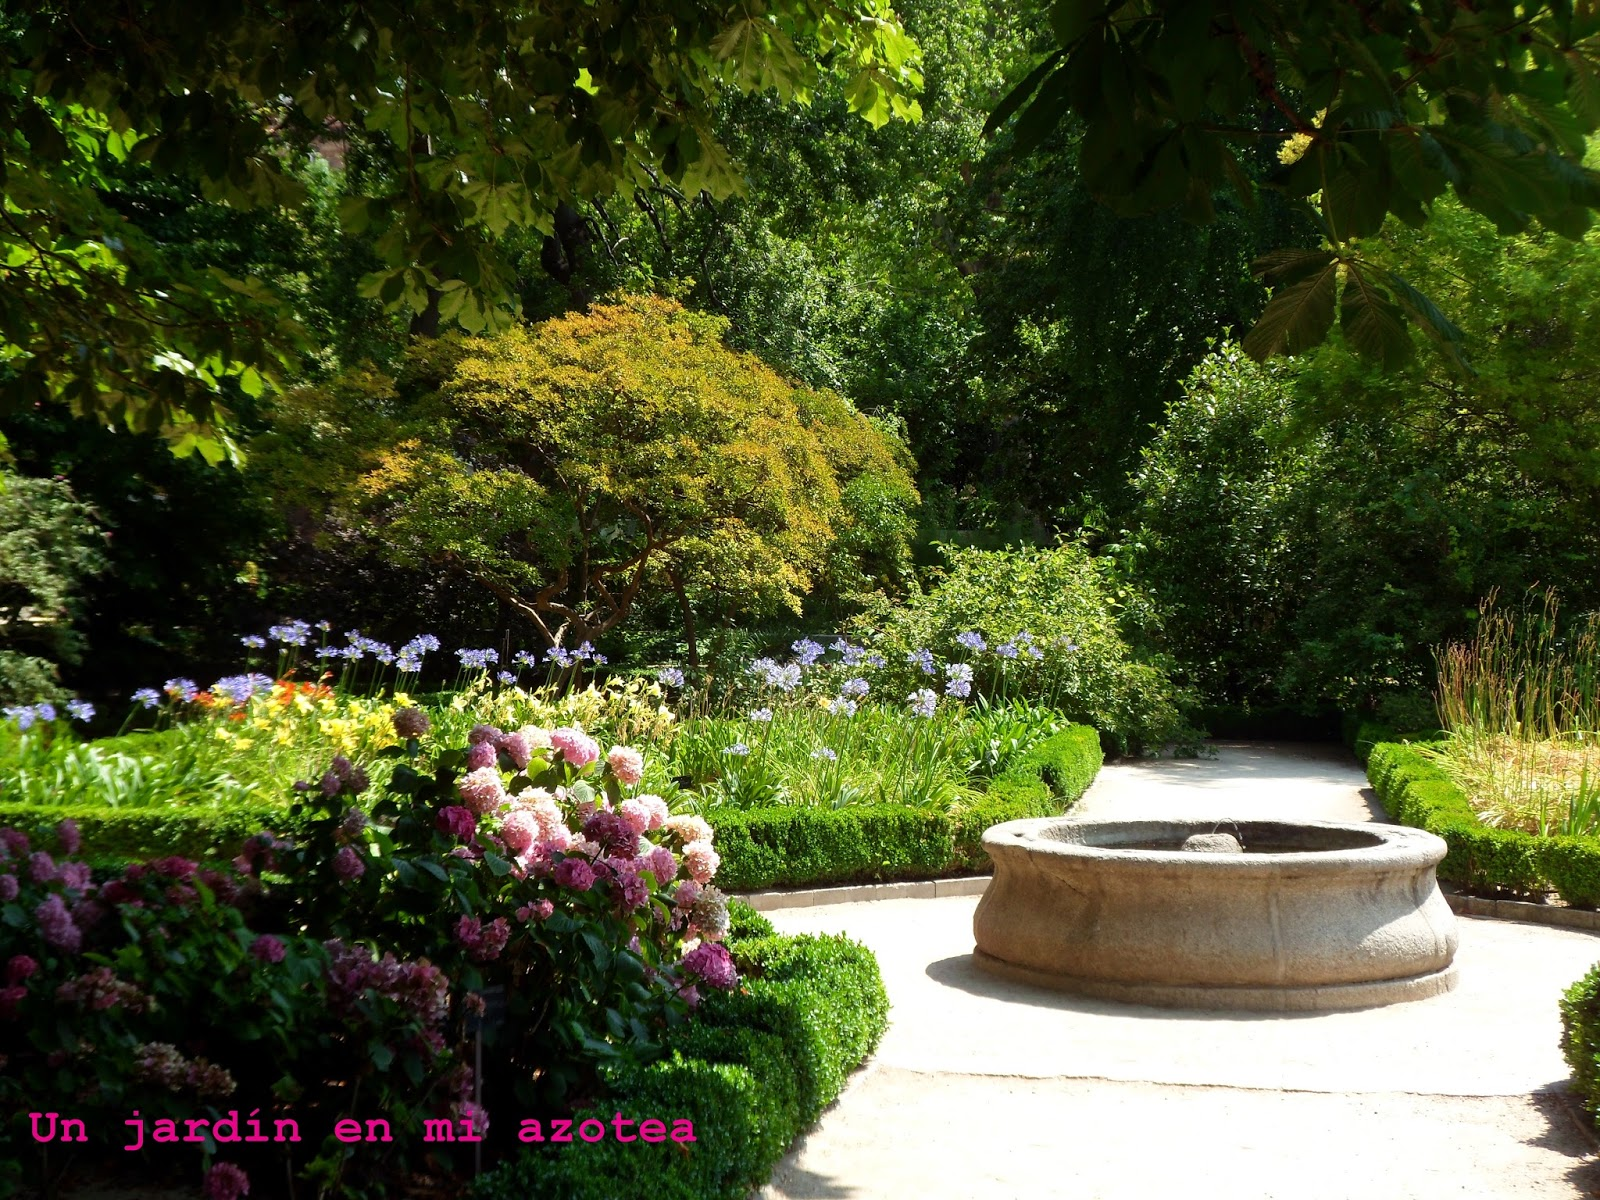 Un jard n en mi azotea dibujando en el real jard n for Jardin botanico cursos